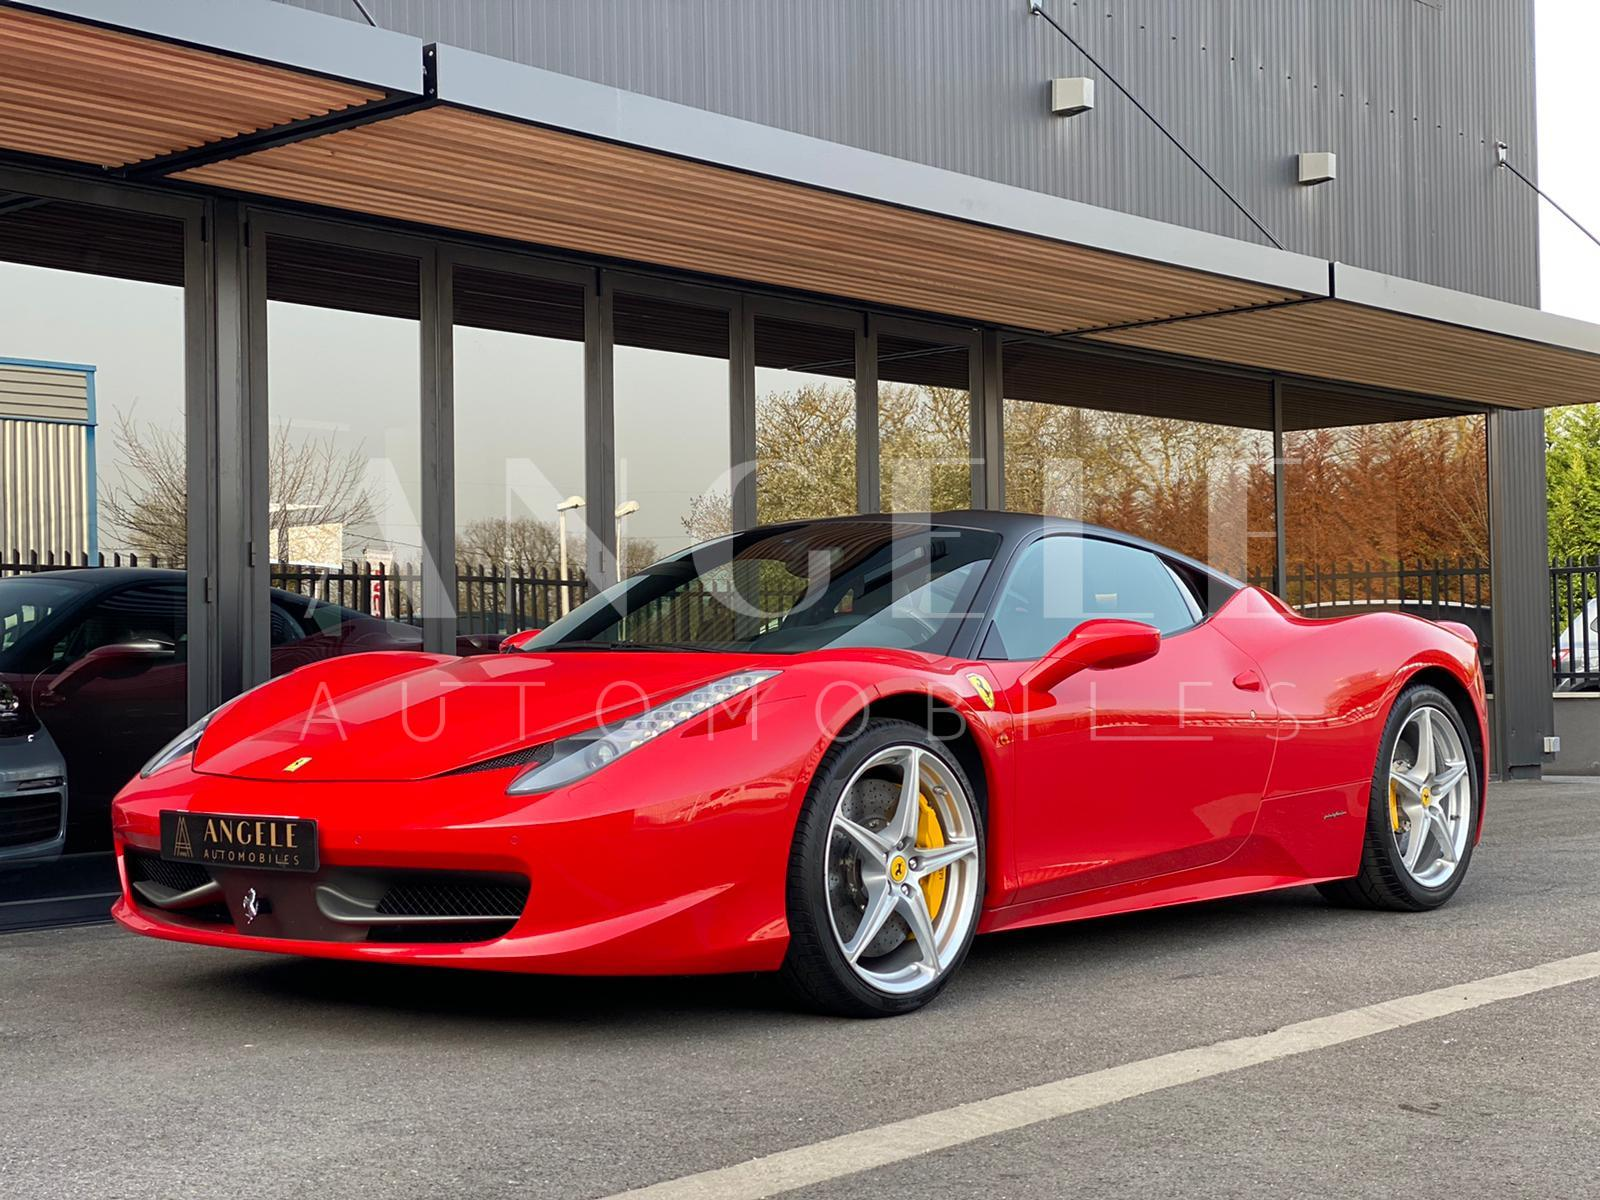 FERRARI 458 ITALIA - Angelé Automobiles